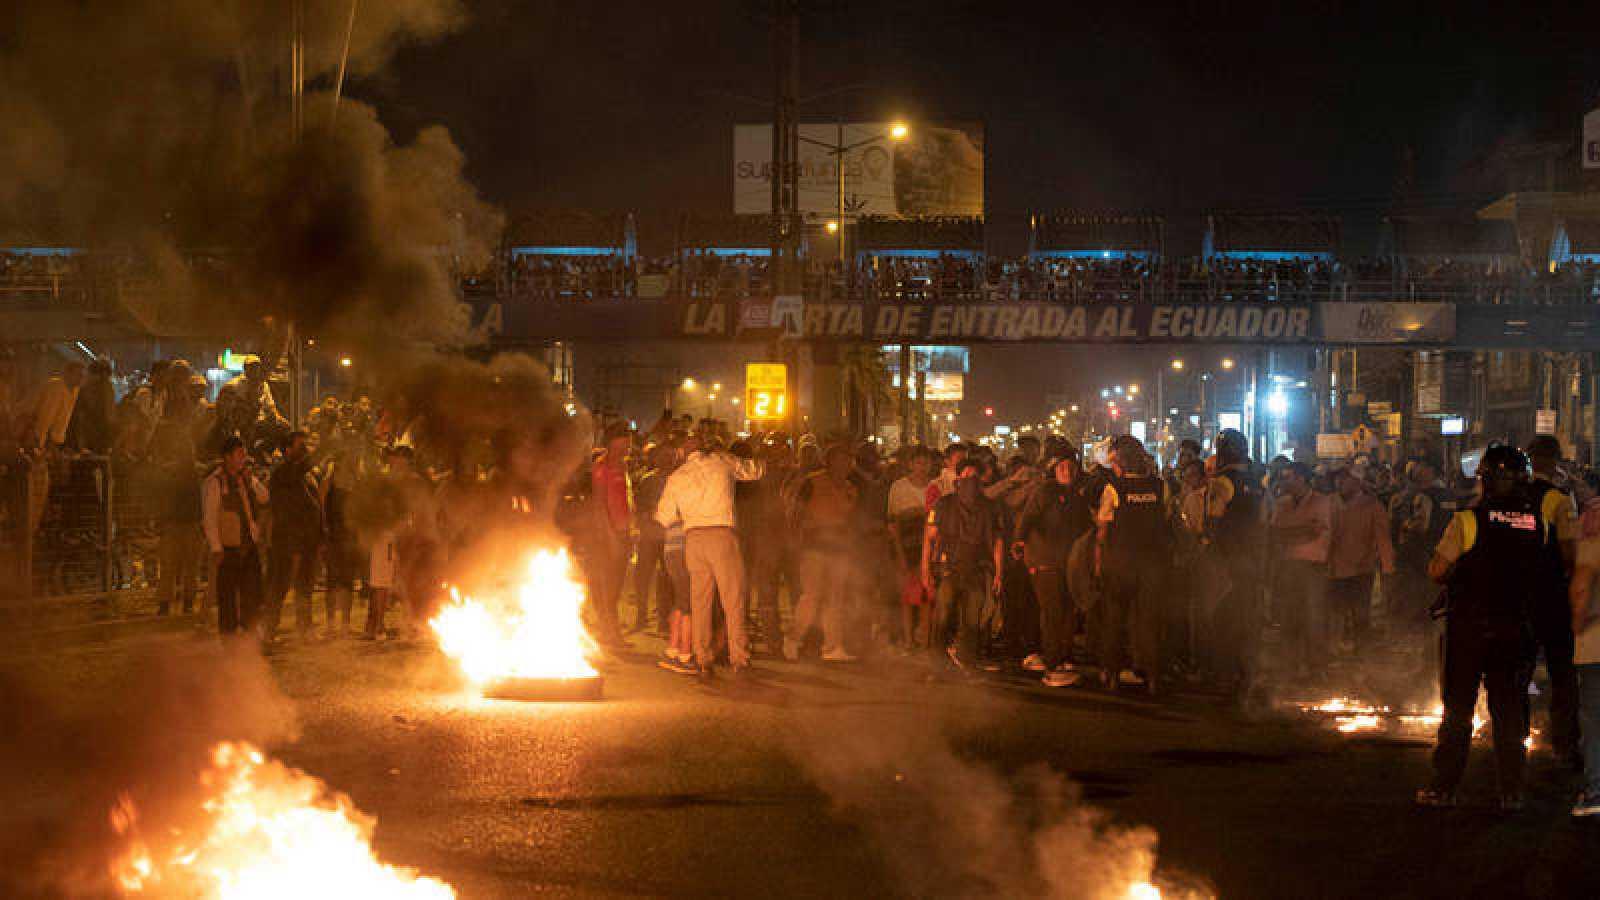 El presidente de Ecuador traslada la sede del Gobierno a Guayaquil por el recrudecimiento de los disturbios